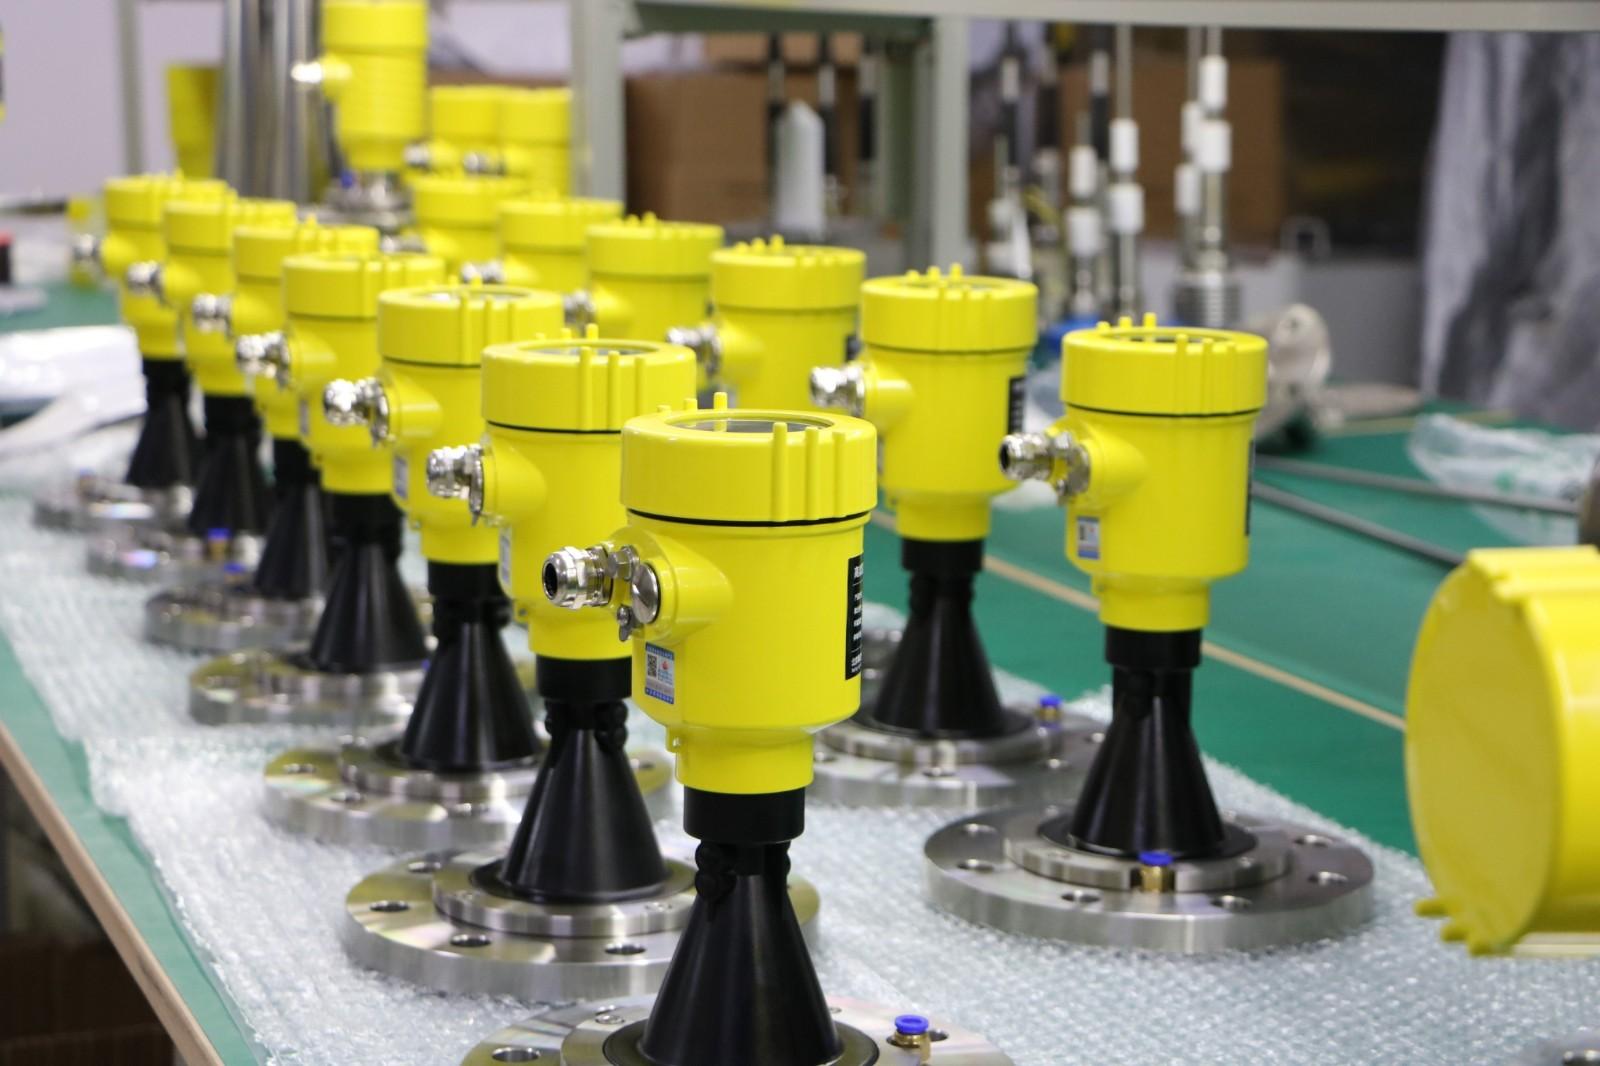 工业转型催动雷达液位计市场的发展